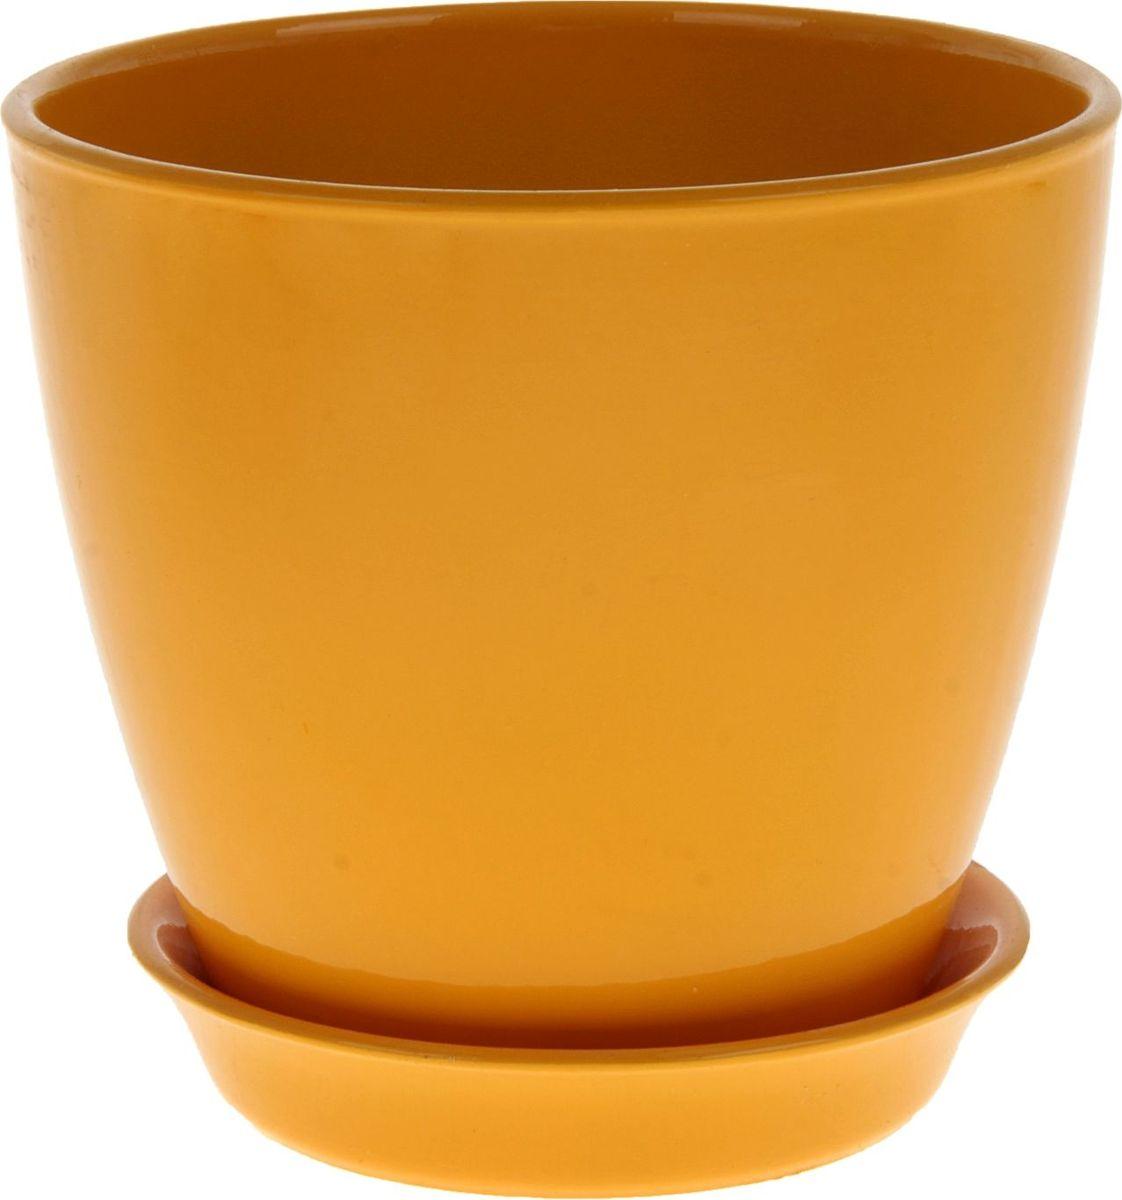 Кашпо Керамика ручной работы Виктория, цвет: желтый, 2 л825120Кашпо серии «Каменный цветок» выполнено из белой глины методом формовки и покрыто лаком. Керамическая ёмкость имеет объём, оптимальный для создания наилучших условий развития большинства растений.Устойчивый глубокий поддон защитит поверхность стола или подставки от жидкости.Благодаря строгим стандартам производства изделия отличаются правильной формой, отсутствием дефектов, имеют достаточную тяжесть для надёжной фиксации конструкции.Окраска моделей не восприимчива к прямым солнечным лучам, а в цветовой гамме преобладают яркие и насыщенные оттенки.Красота, удобство и долговечность кашпо серии «Каменный цветок» порадует любителей высококачественных аксессуаров для комнатных растений.